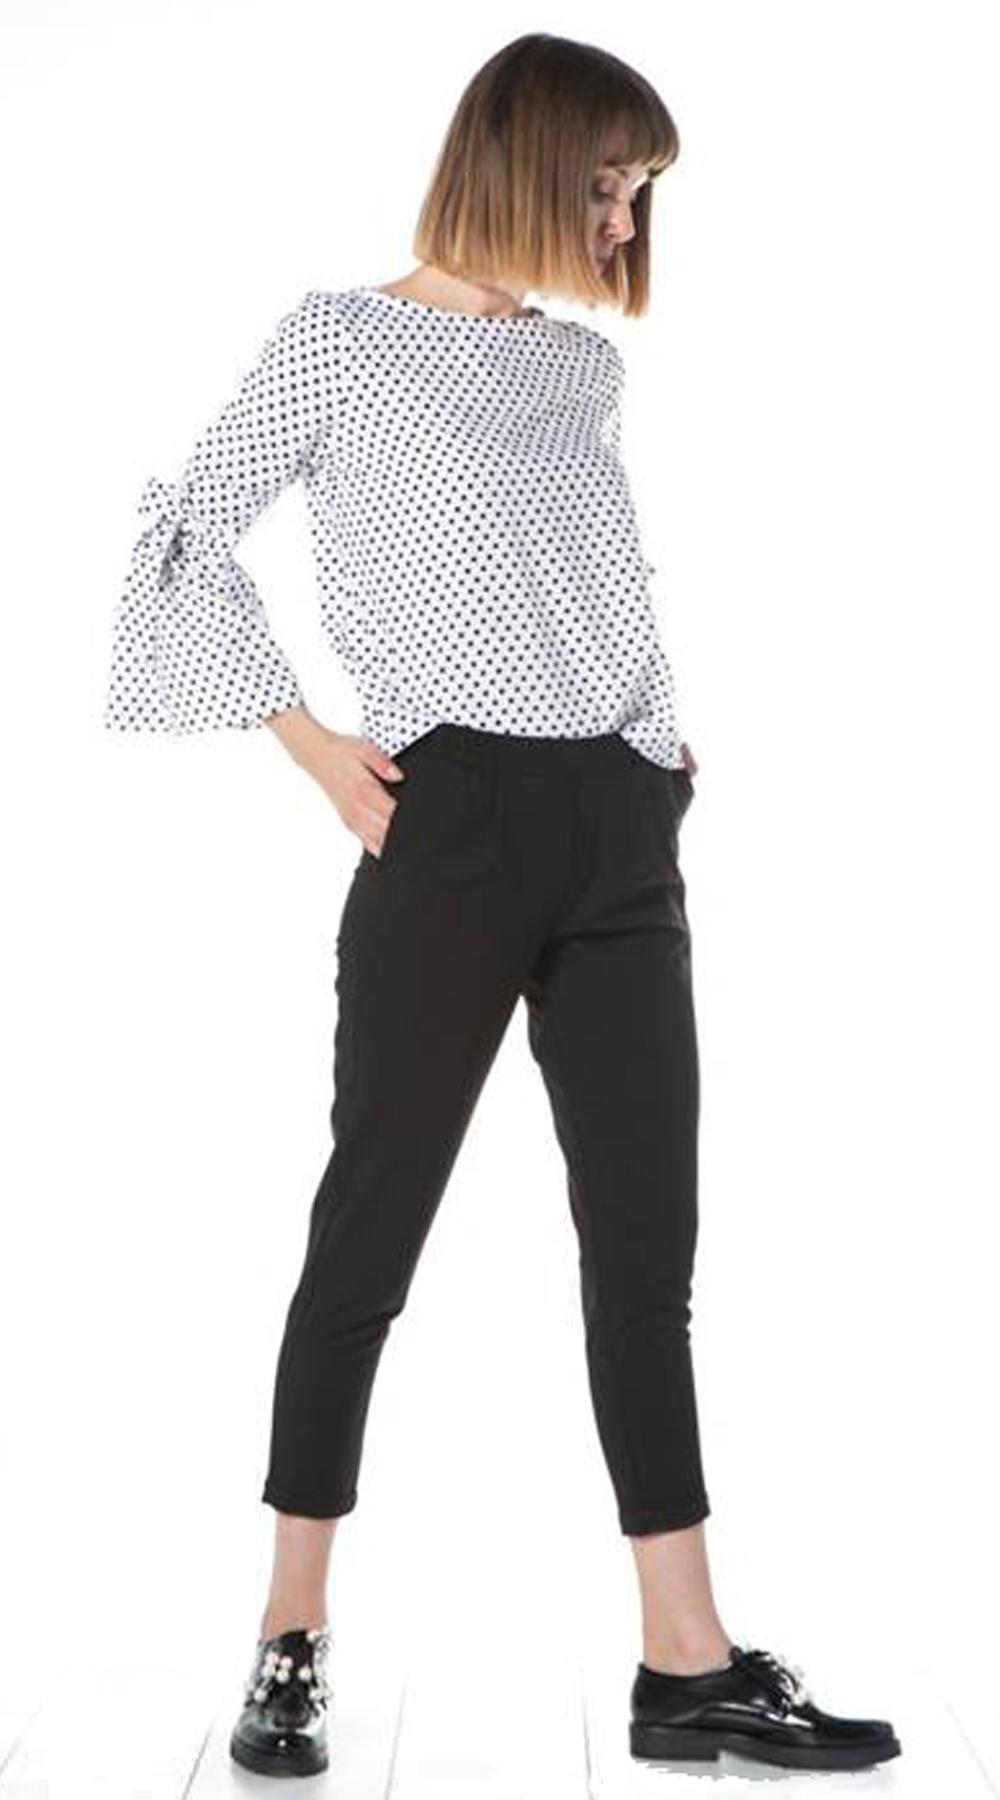 Γυναικείο office look πουκάμισο με δέσιμο καμπάνα στα μανίκια - OEM - FA17NA-110 μπλούζες   t shirts elegant tops